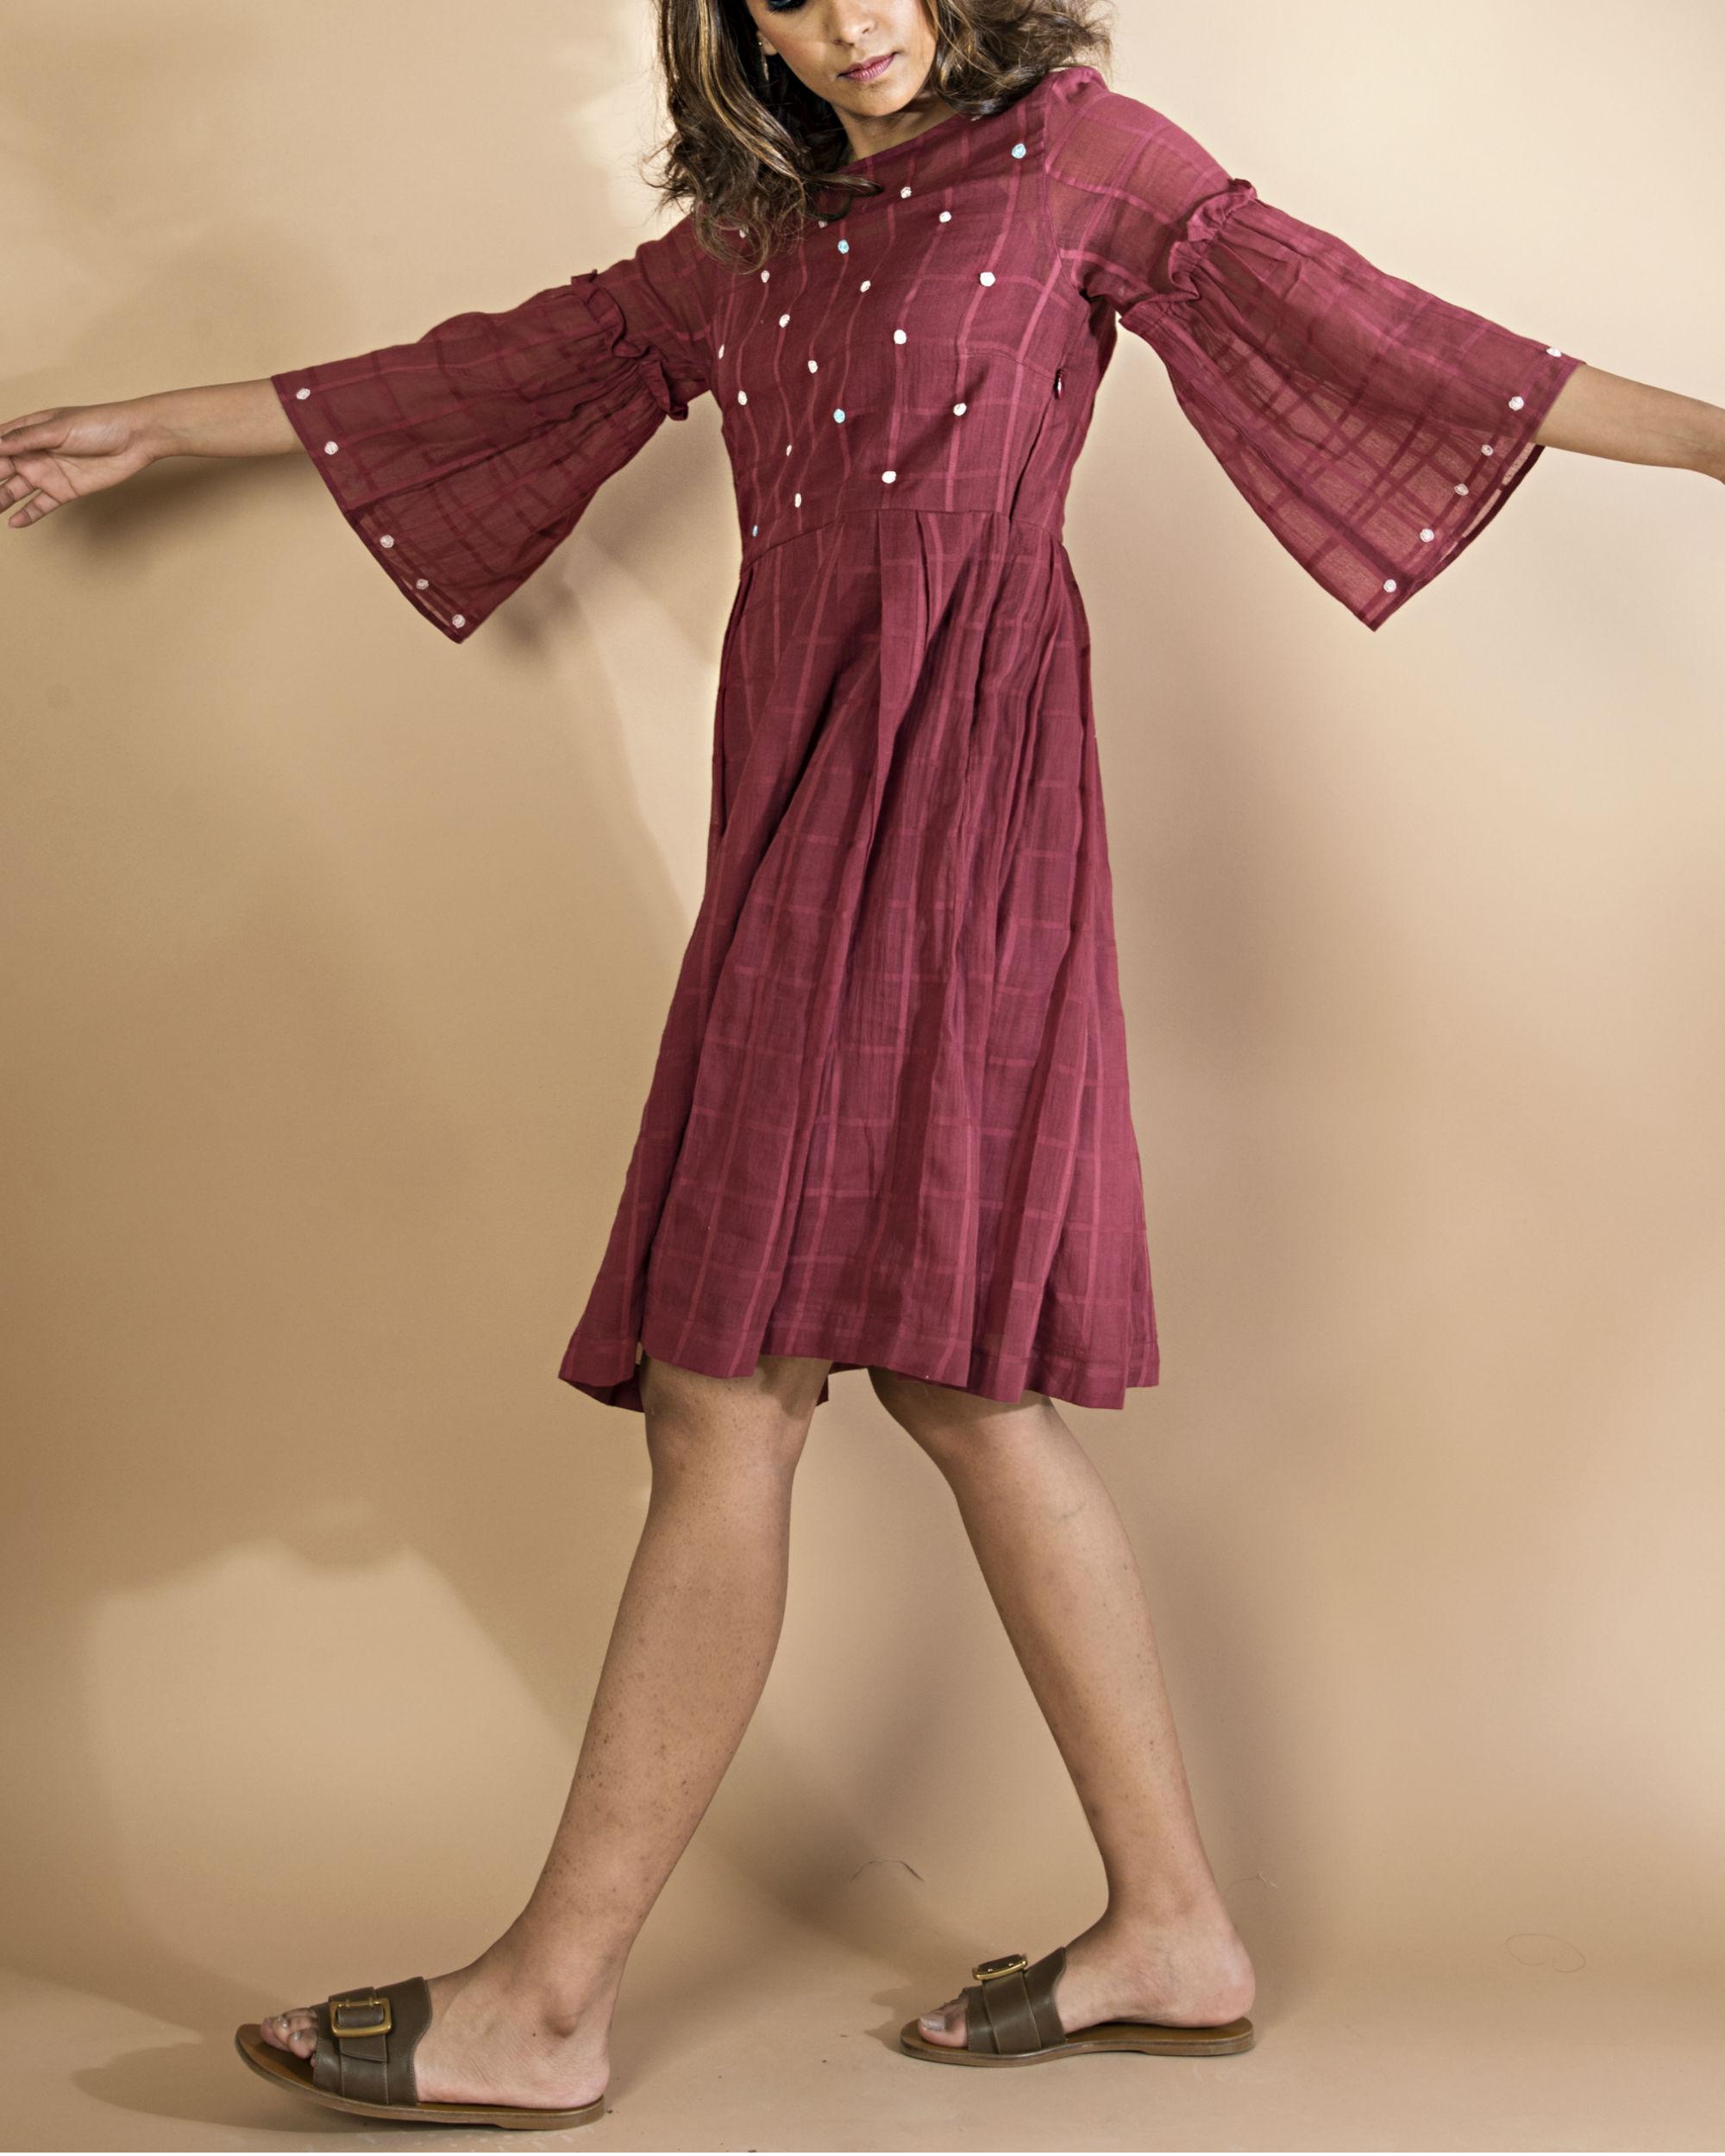 Polka dot skater dress